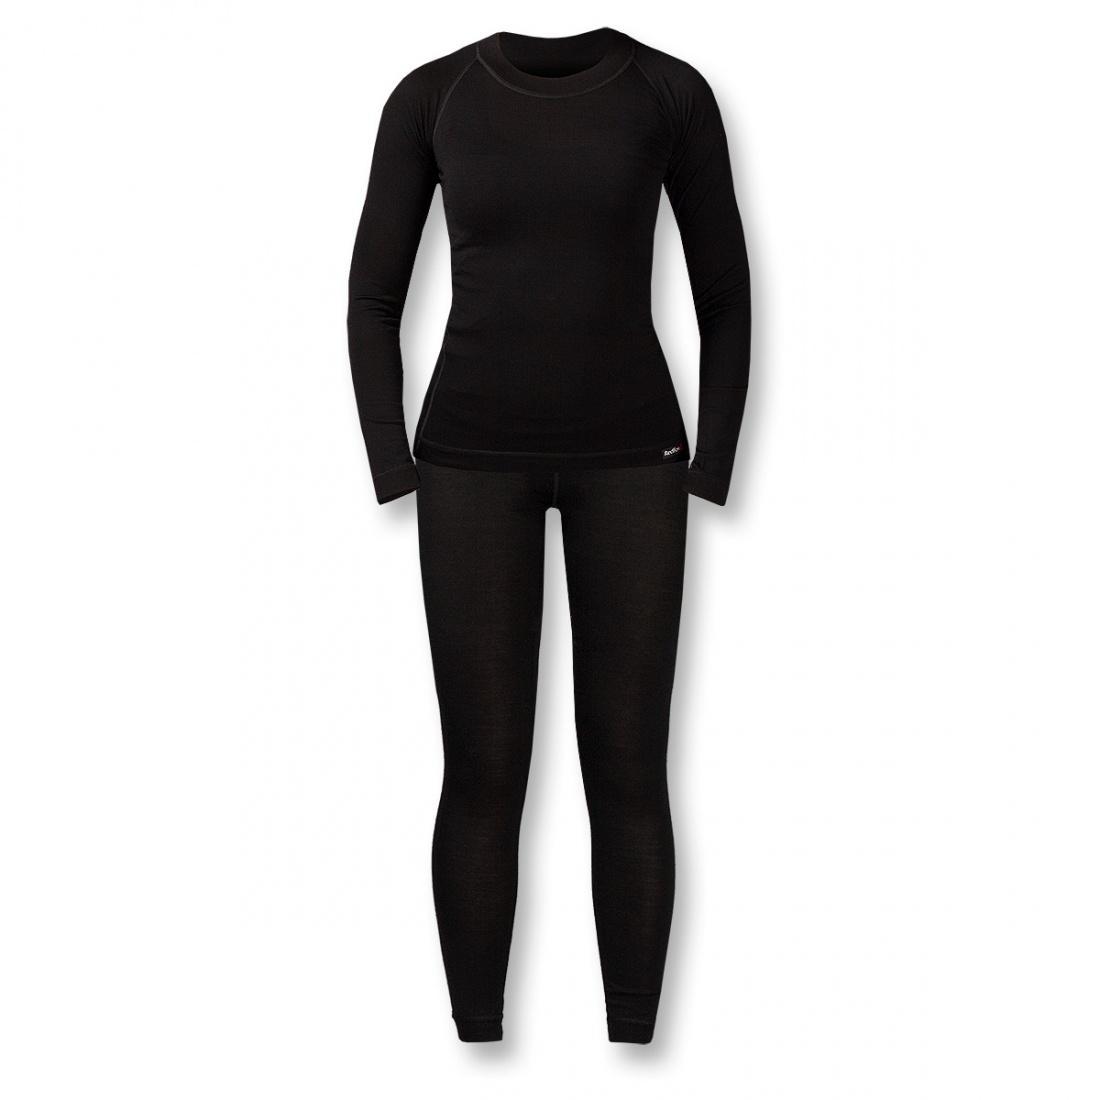 Термобелье костюм Wool Dry Light ЖенскийКомплекты<br><br> Тончайшее термобелье для женщин из мериносовой шерсти: оно достаточно теплое и пуловер можно носить как самостоятельный элемент одежды.В качестве базового слоя костюм прекрасно подходит для занятий спортом в холодную погоду зимой.<br><br><br> Ос...<br><br>Цвет: Черный<br>Размер: 42